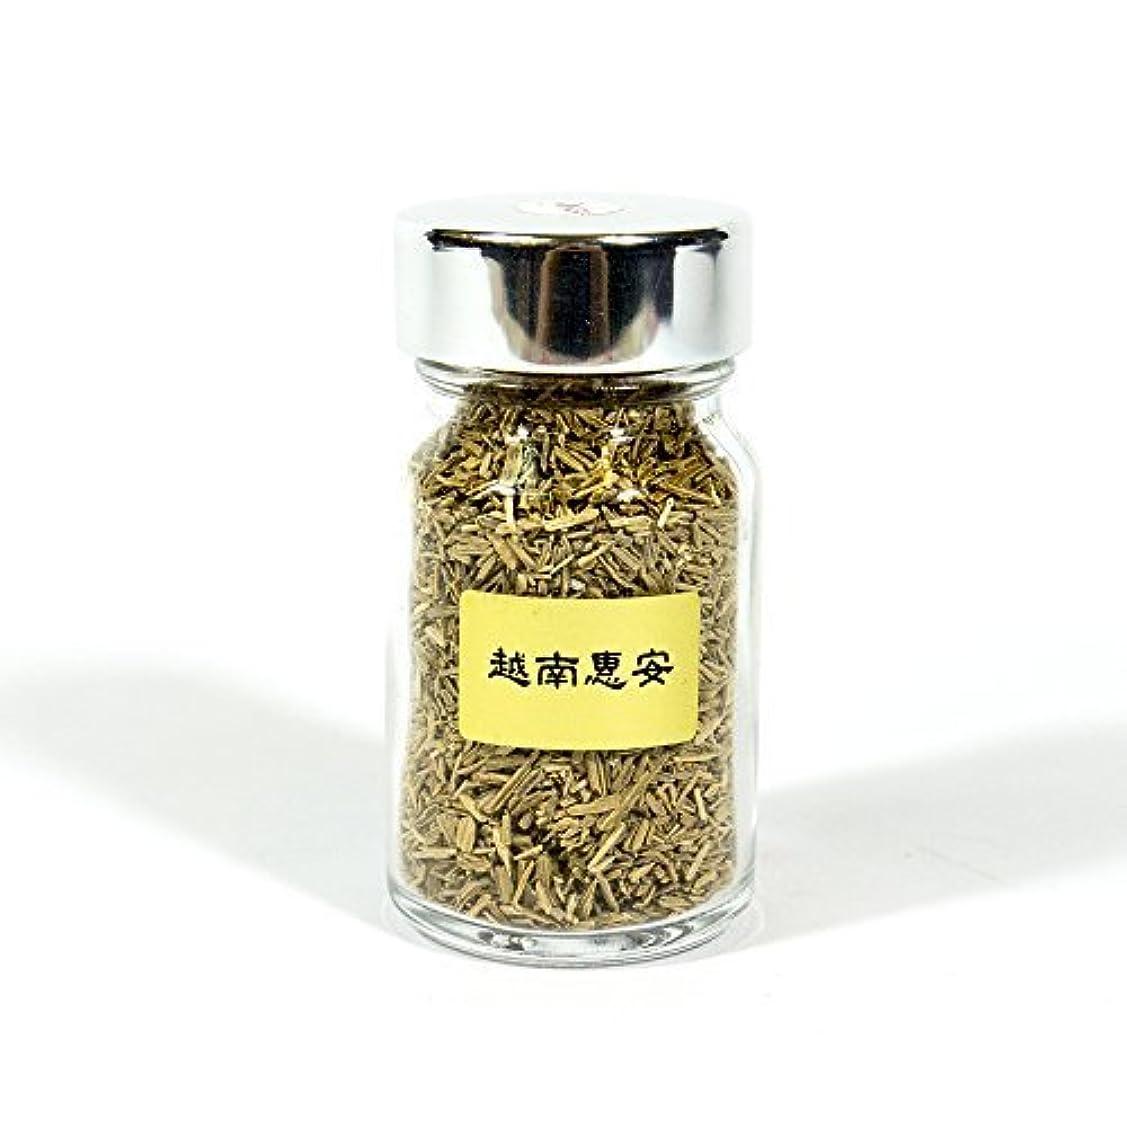 槍酸素盲目Agarwood Aloeswood Oud Chip Scrap Vietnam Hoi-An 10g Cultivated Suitable for Electric Burner by IncenseHouse -...